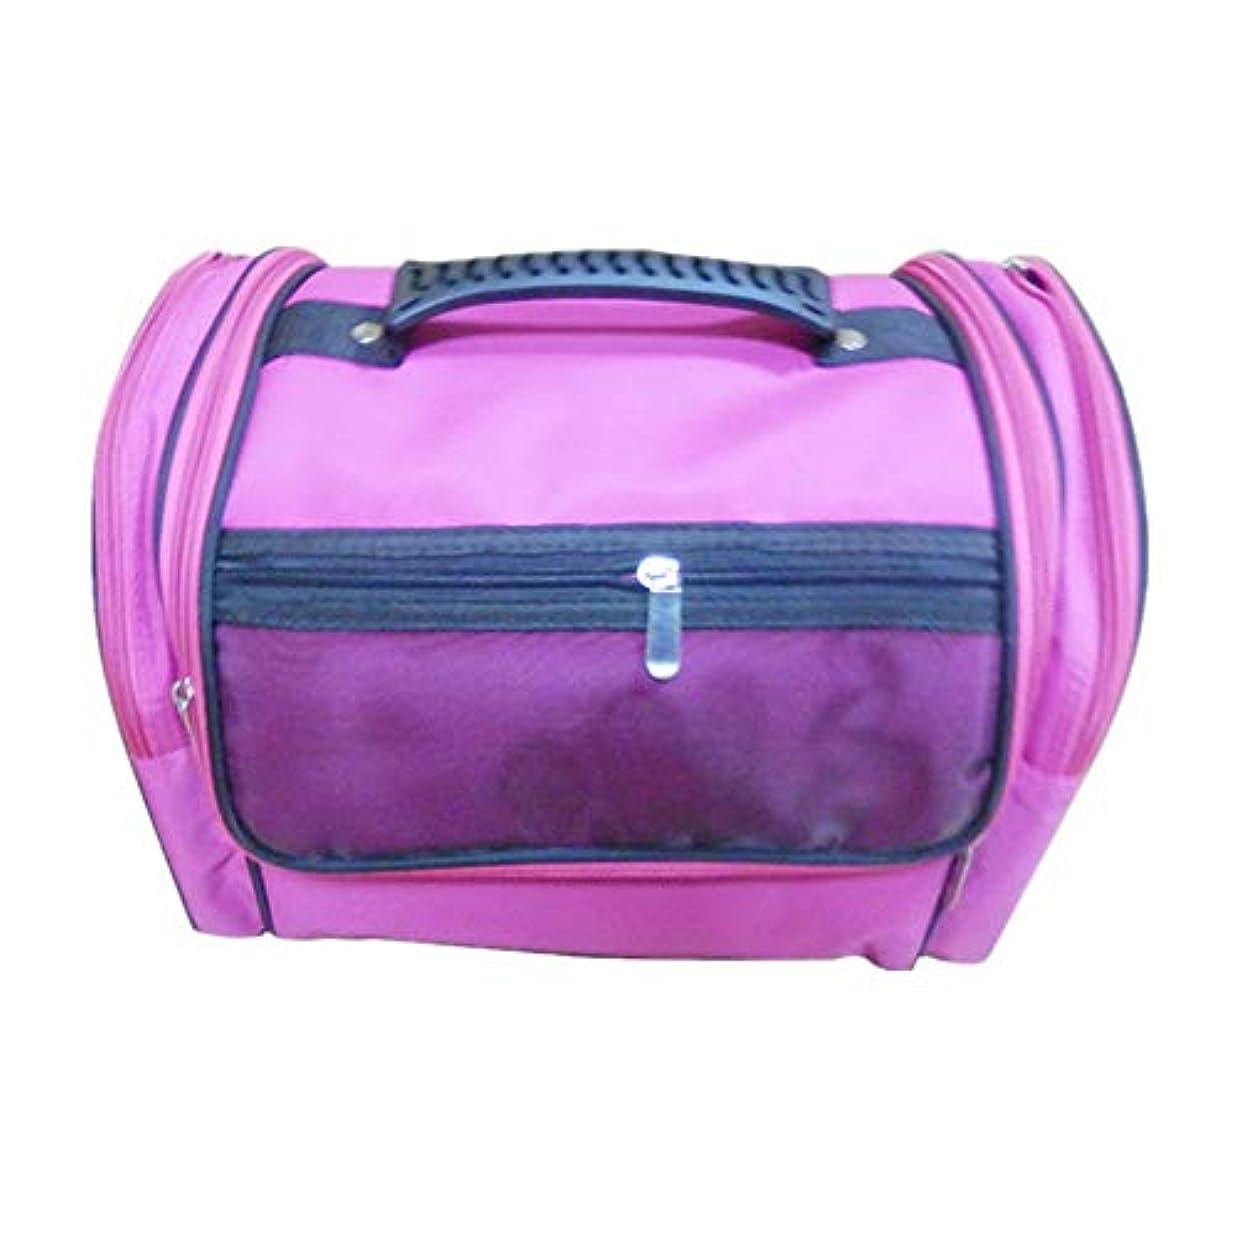 再開厳生化粧オーガナイザーバッグ 高容量カジュアルポータ??ブルキャンバス化粧品バッグ旅行のための美容メイクアップとジッパーで毎日のストレージ 化粧品ケース